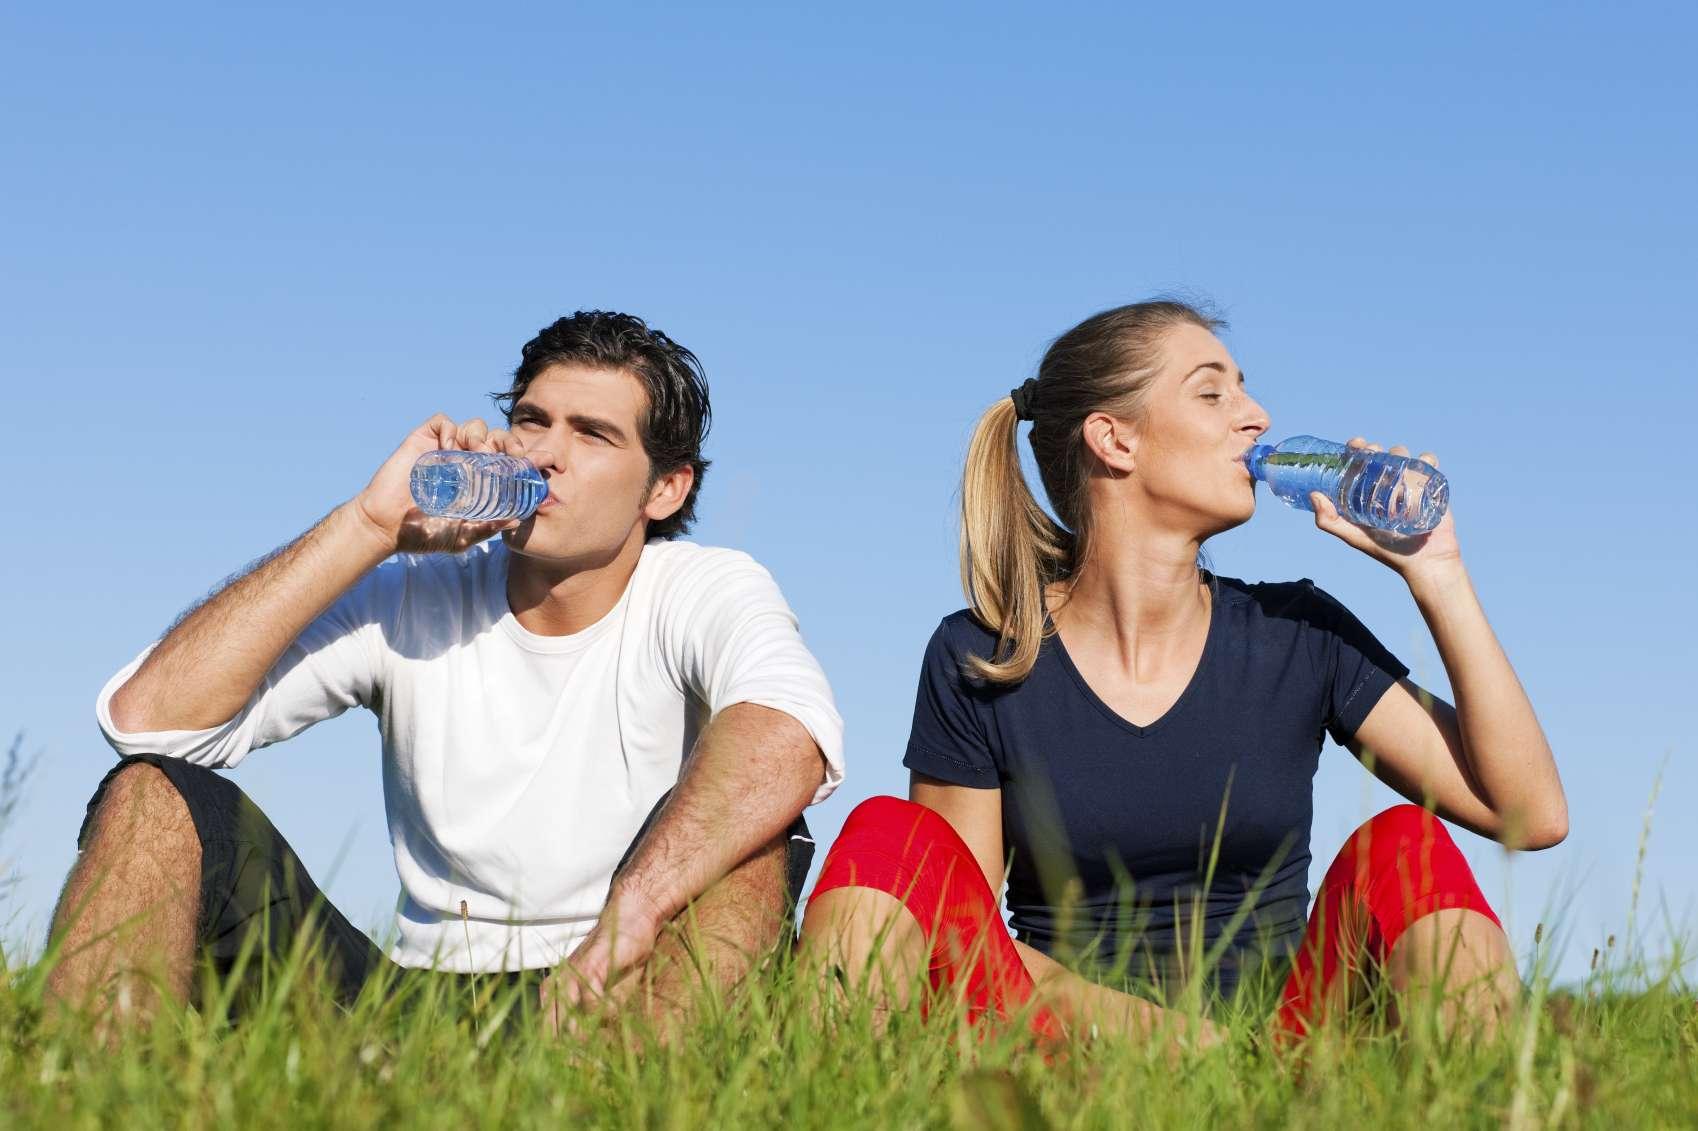 Además del clima cálido, la diarrea también puede ser causa de deshidratación. Foto: iStock